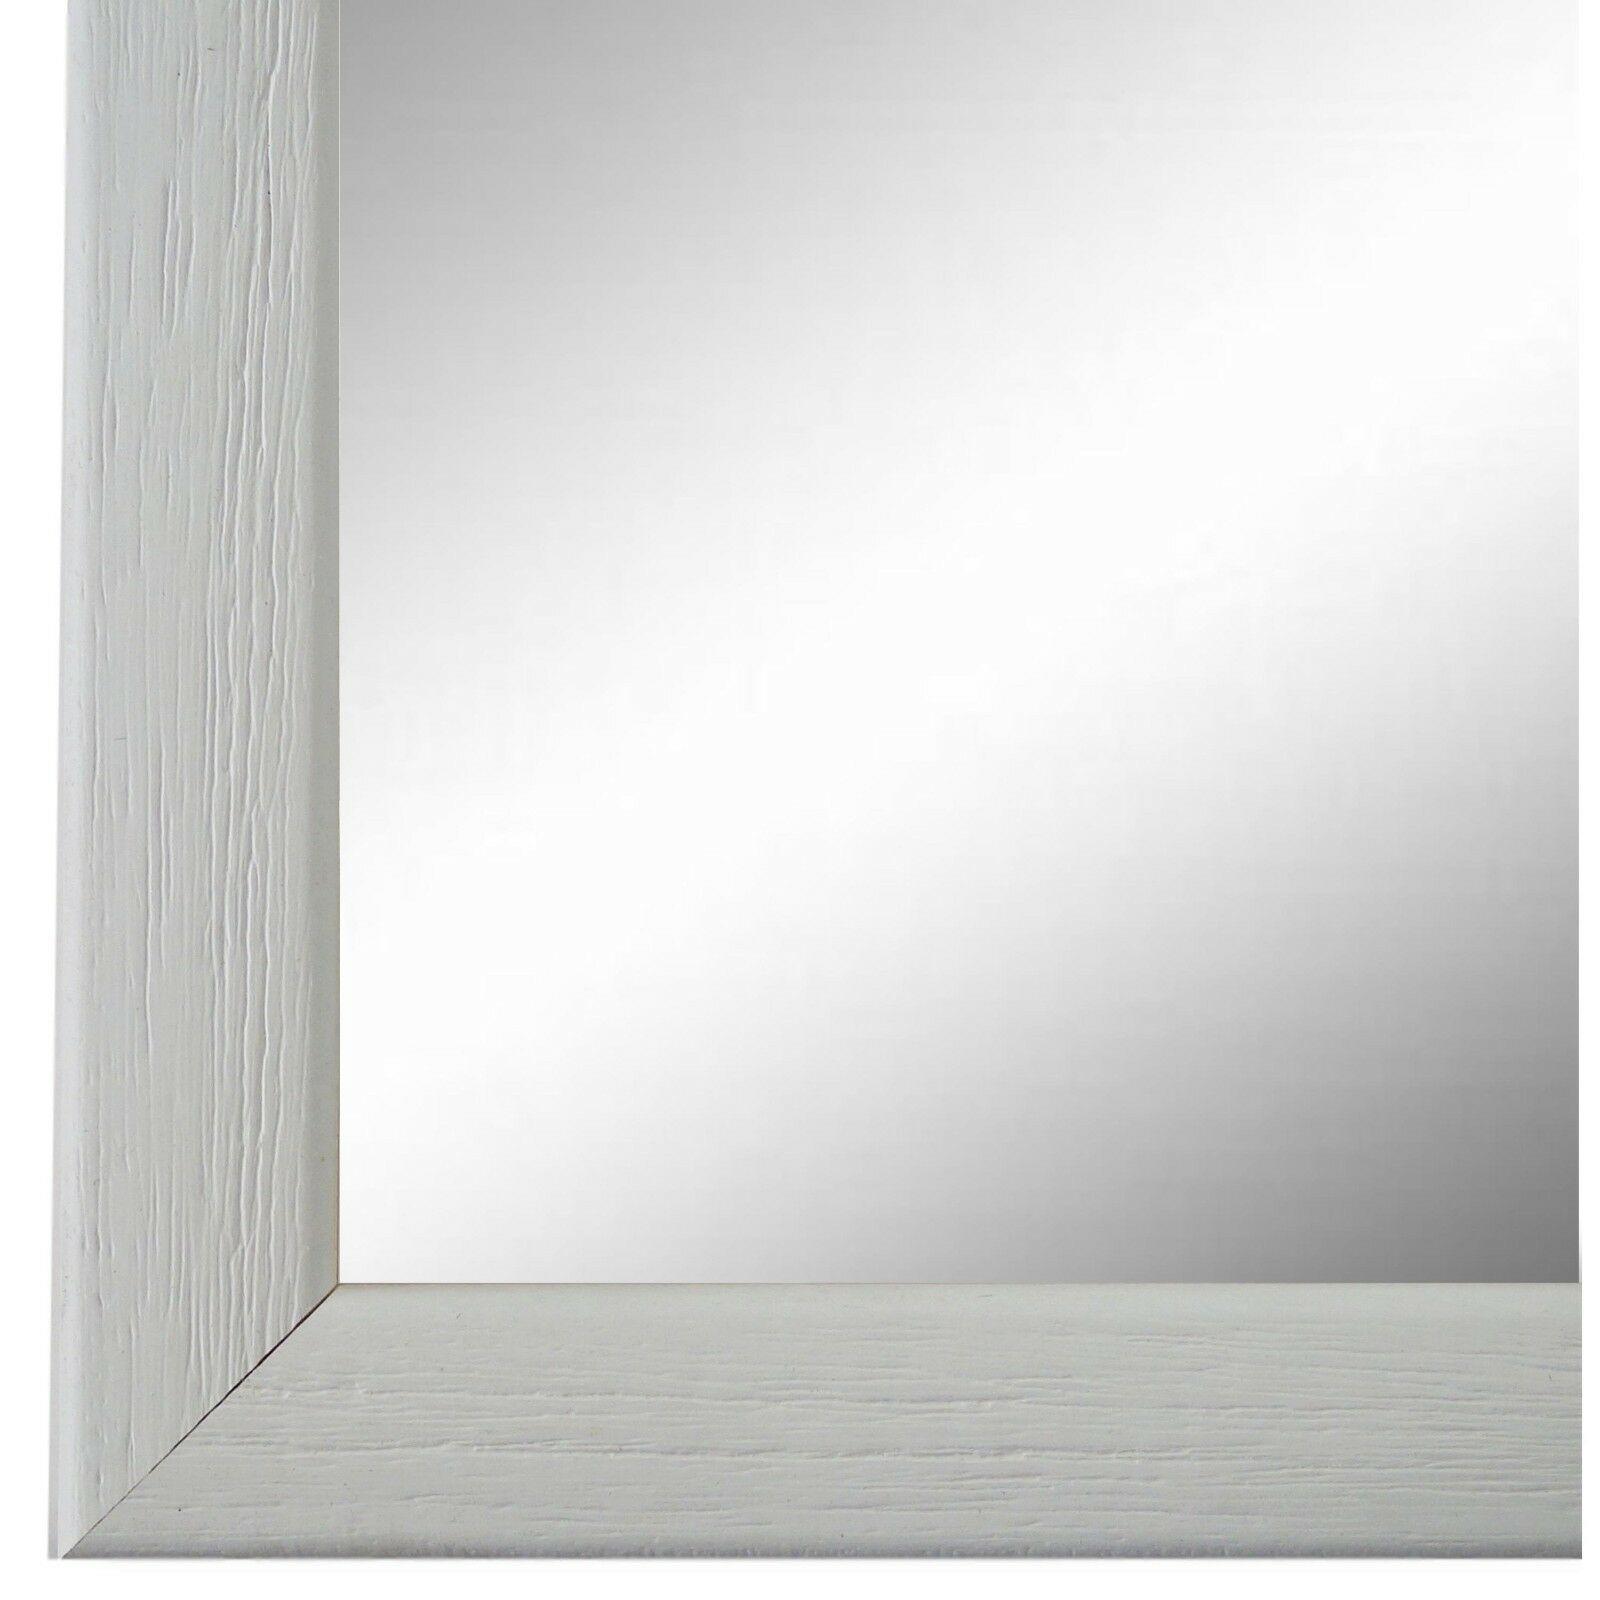 Wandspiegel Spiegel Weiss Retro Vintage Holz Pinerolo 2, 3 - NEU alle Größen